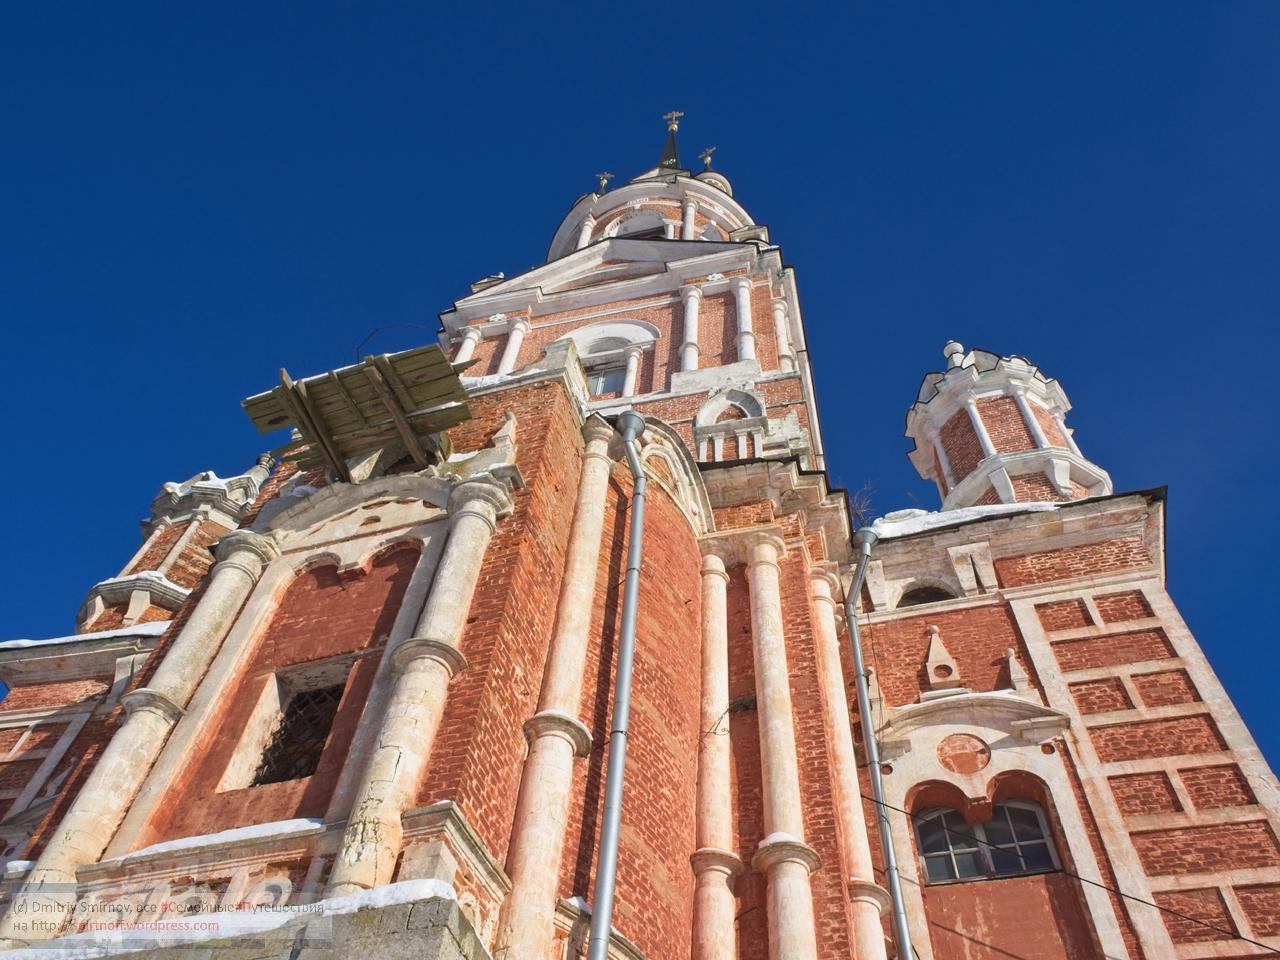 SMI31731-Blog-33 Путешествия  Можайск, про который ничего рассказать, но есть, что показать